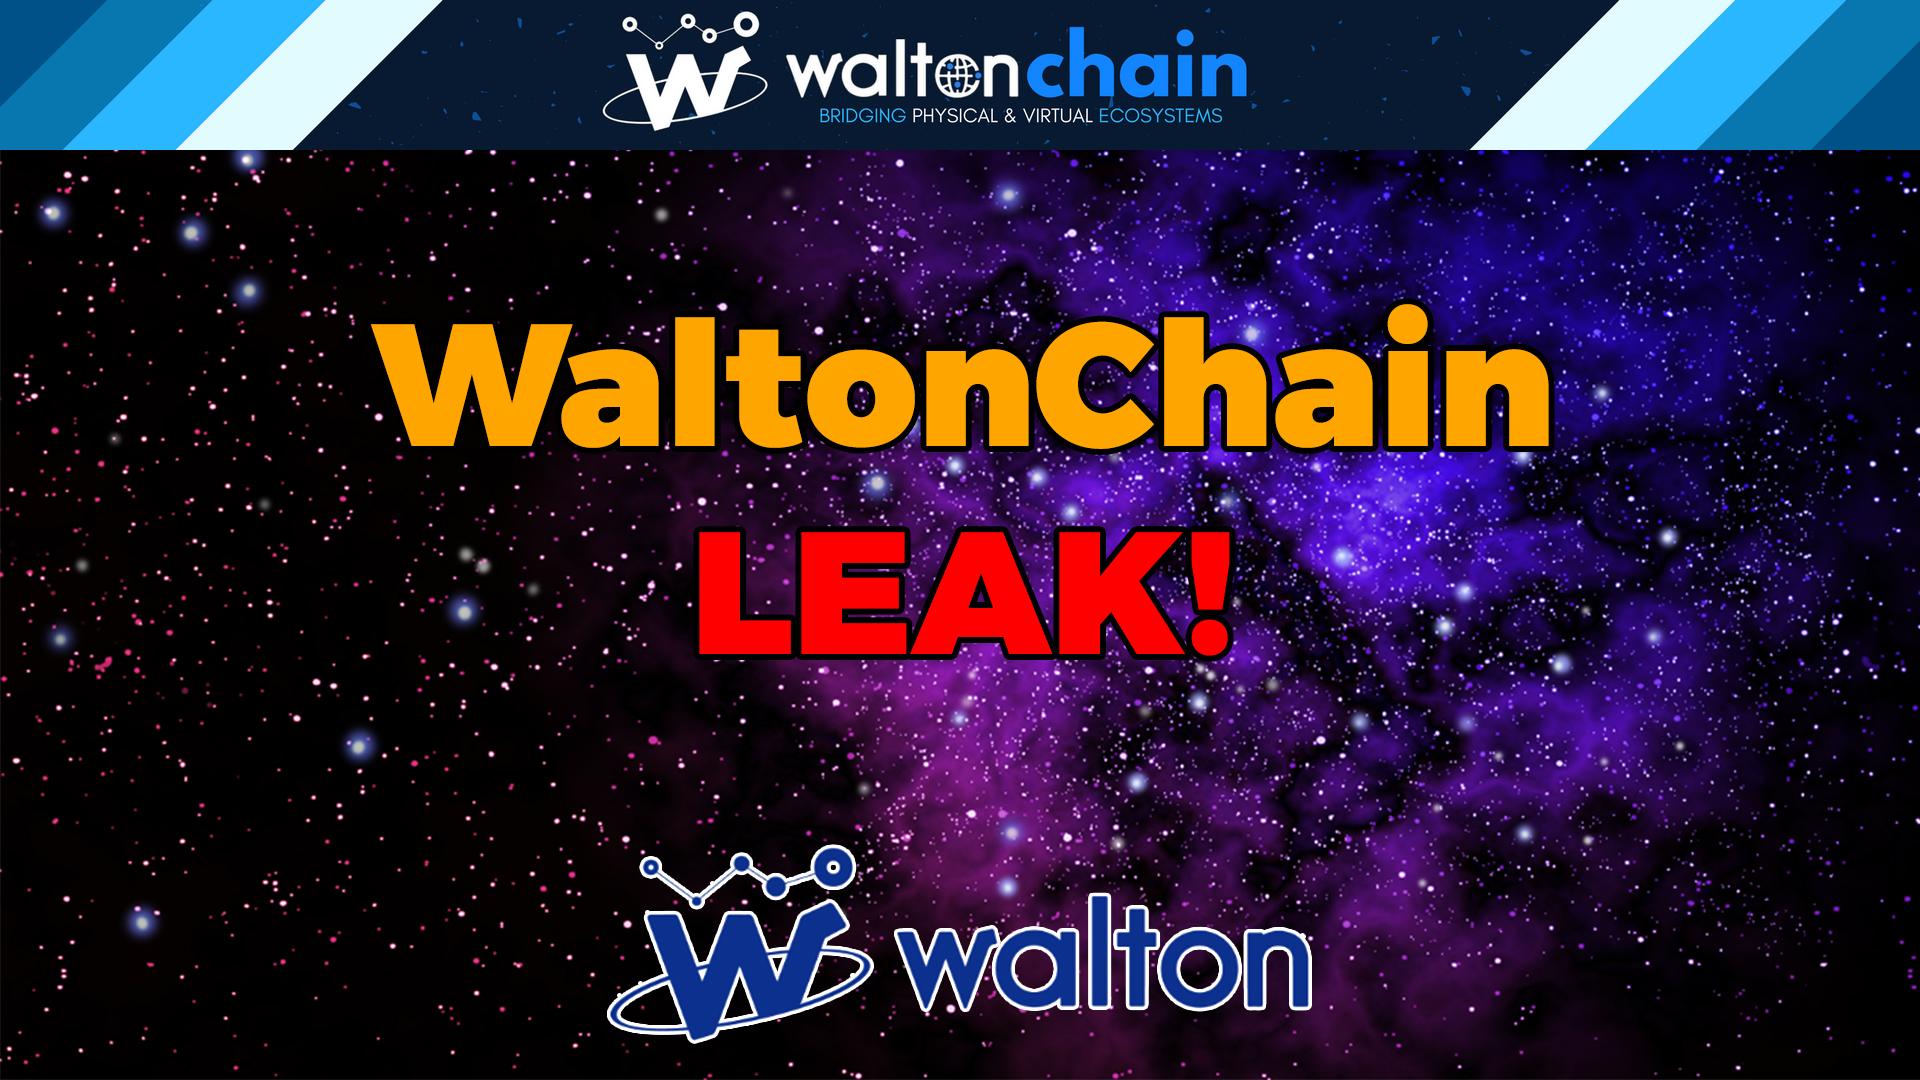 WaltonChain leak